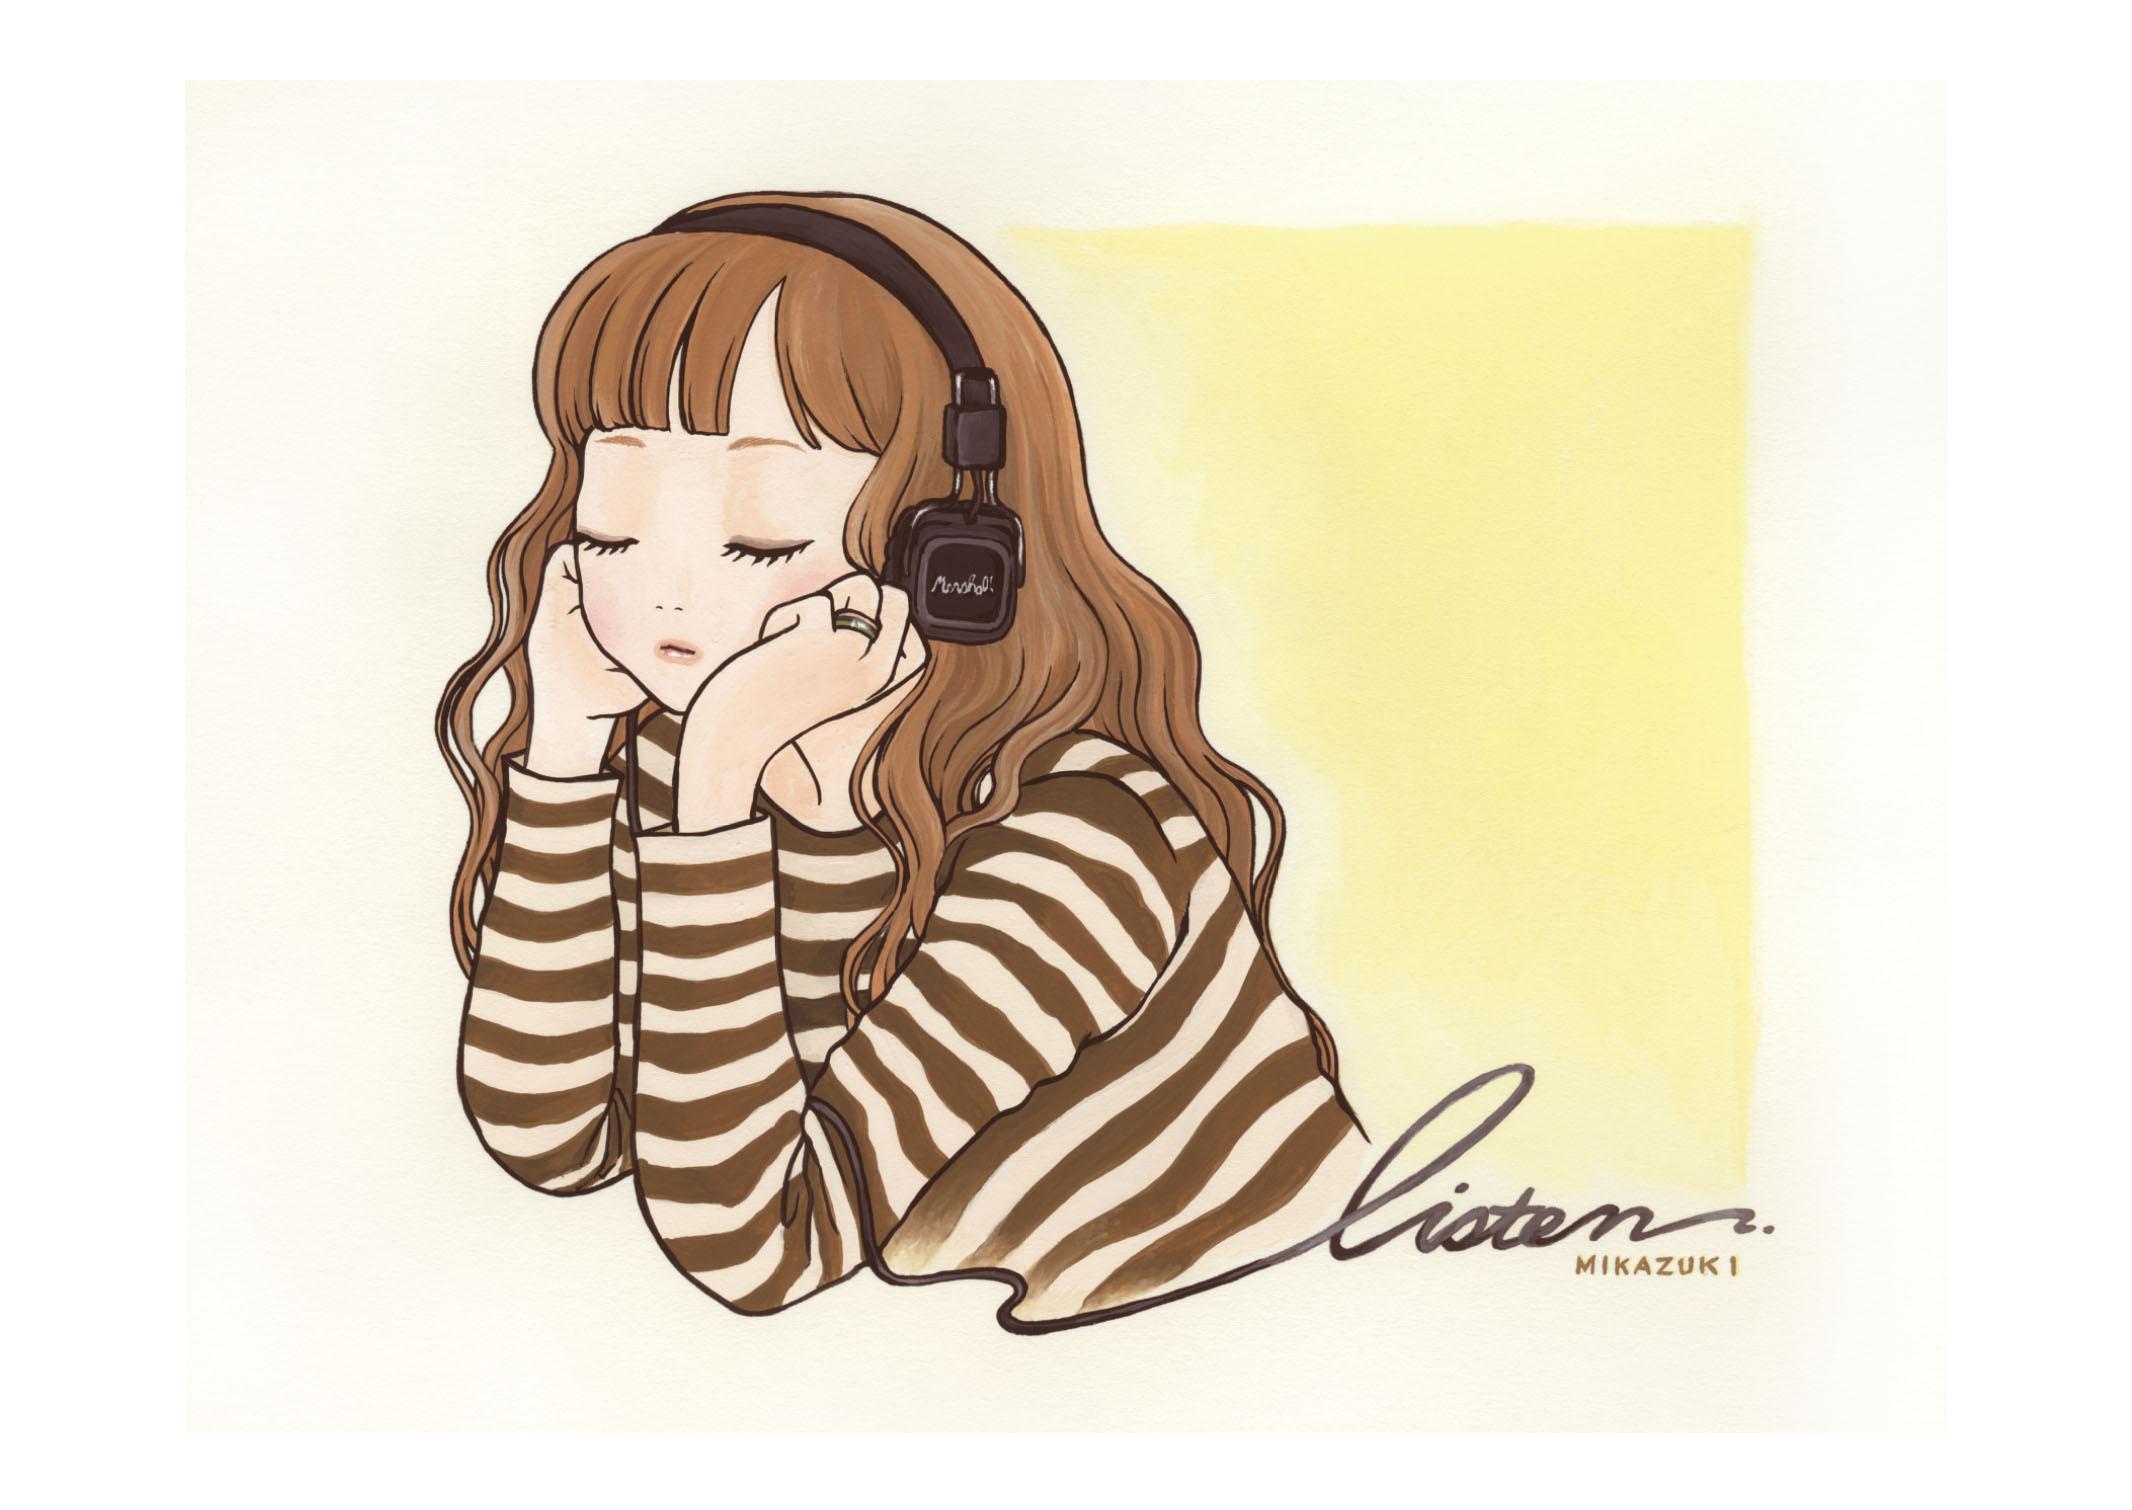 MIKAZUKI / ミカヅキ ミニポスター A4サイズ 「Listen」